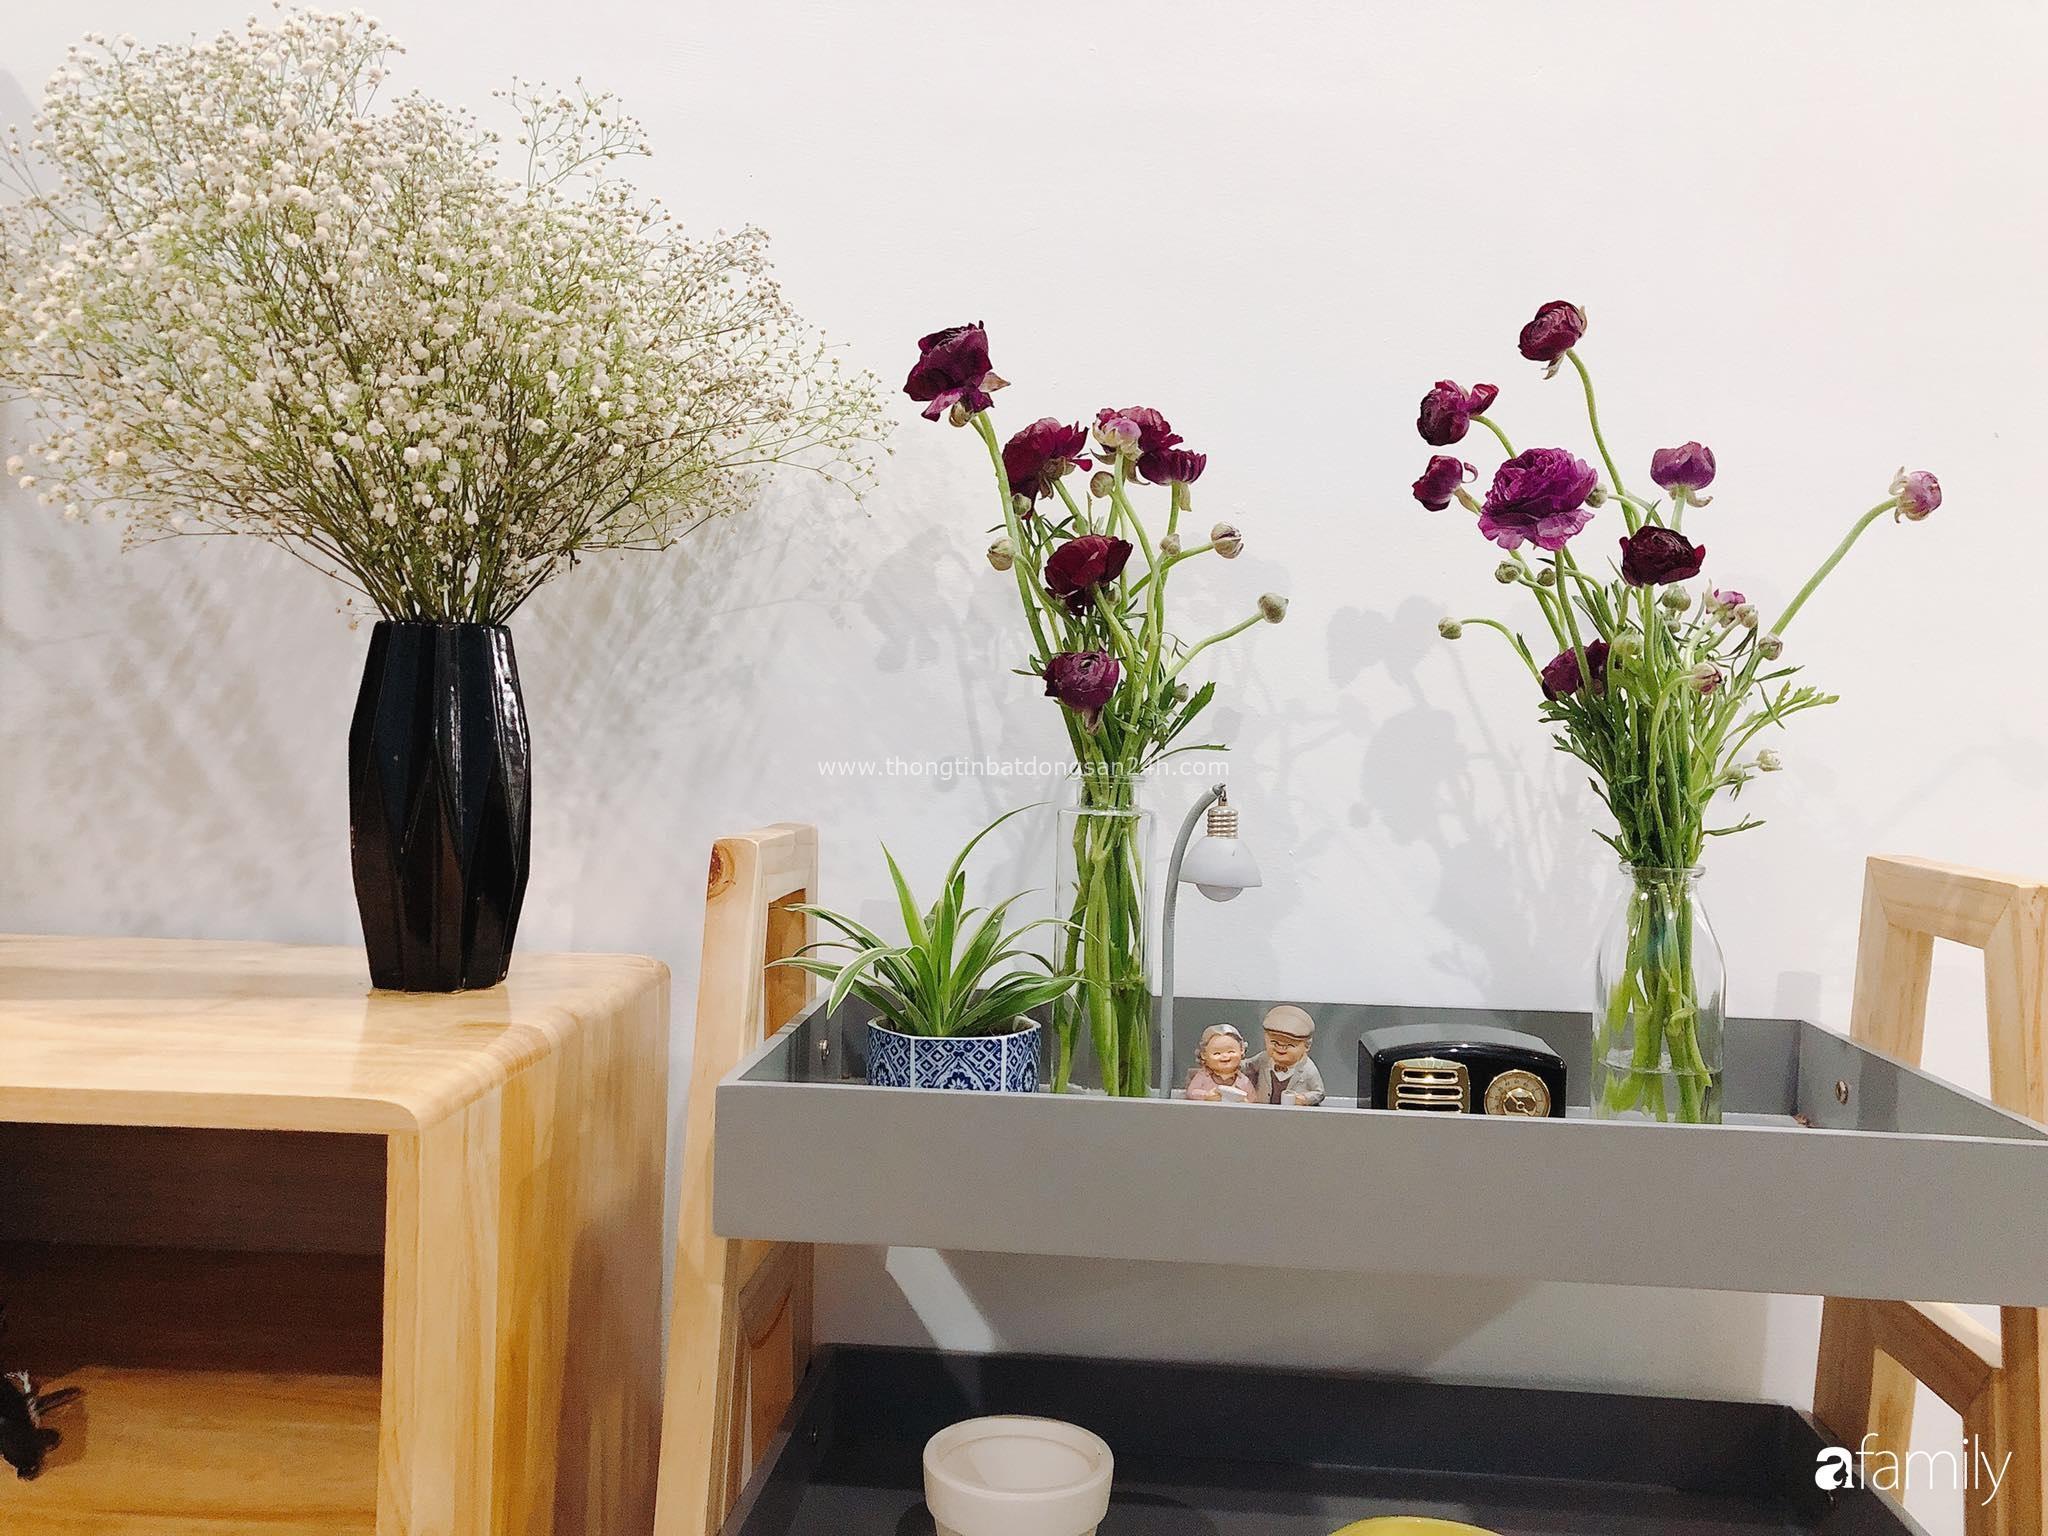 Nhà 35m² được cải tạo thành không gian sống hiện đại với ánh sáng ngập tràn cùng những chất liệu thân thiện với môi trường ở Vũng Tàu - Ảnh 19.